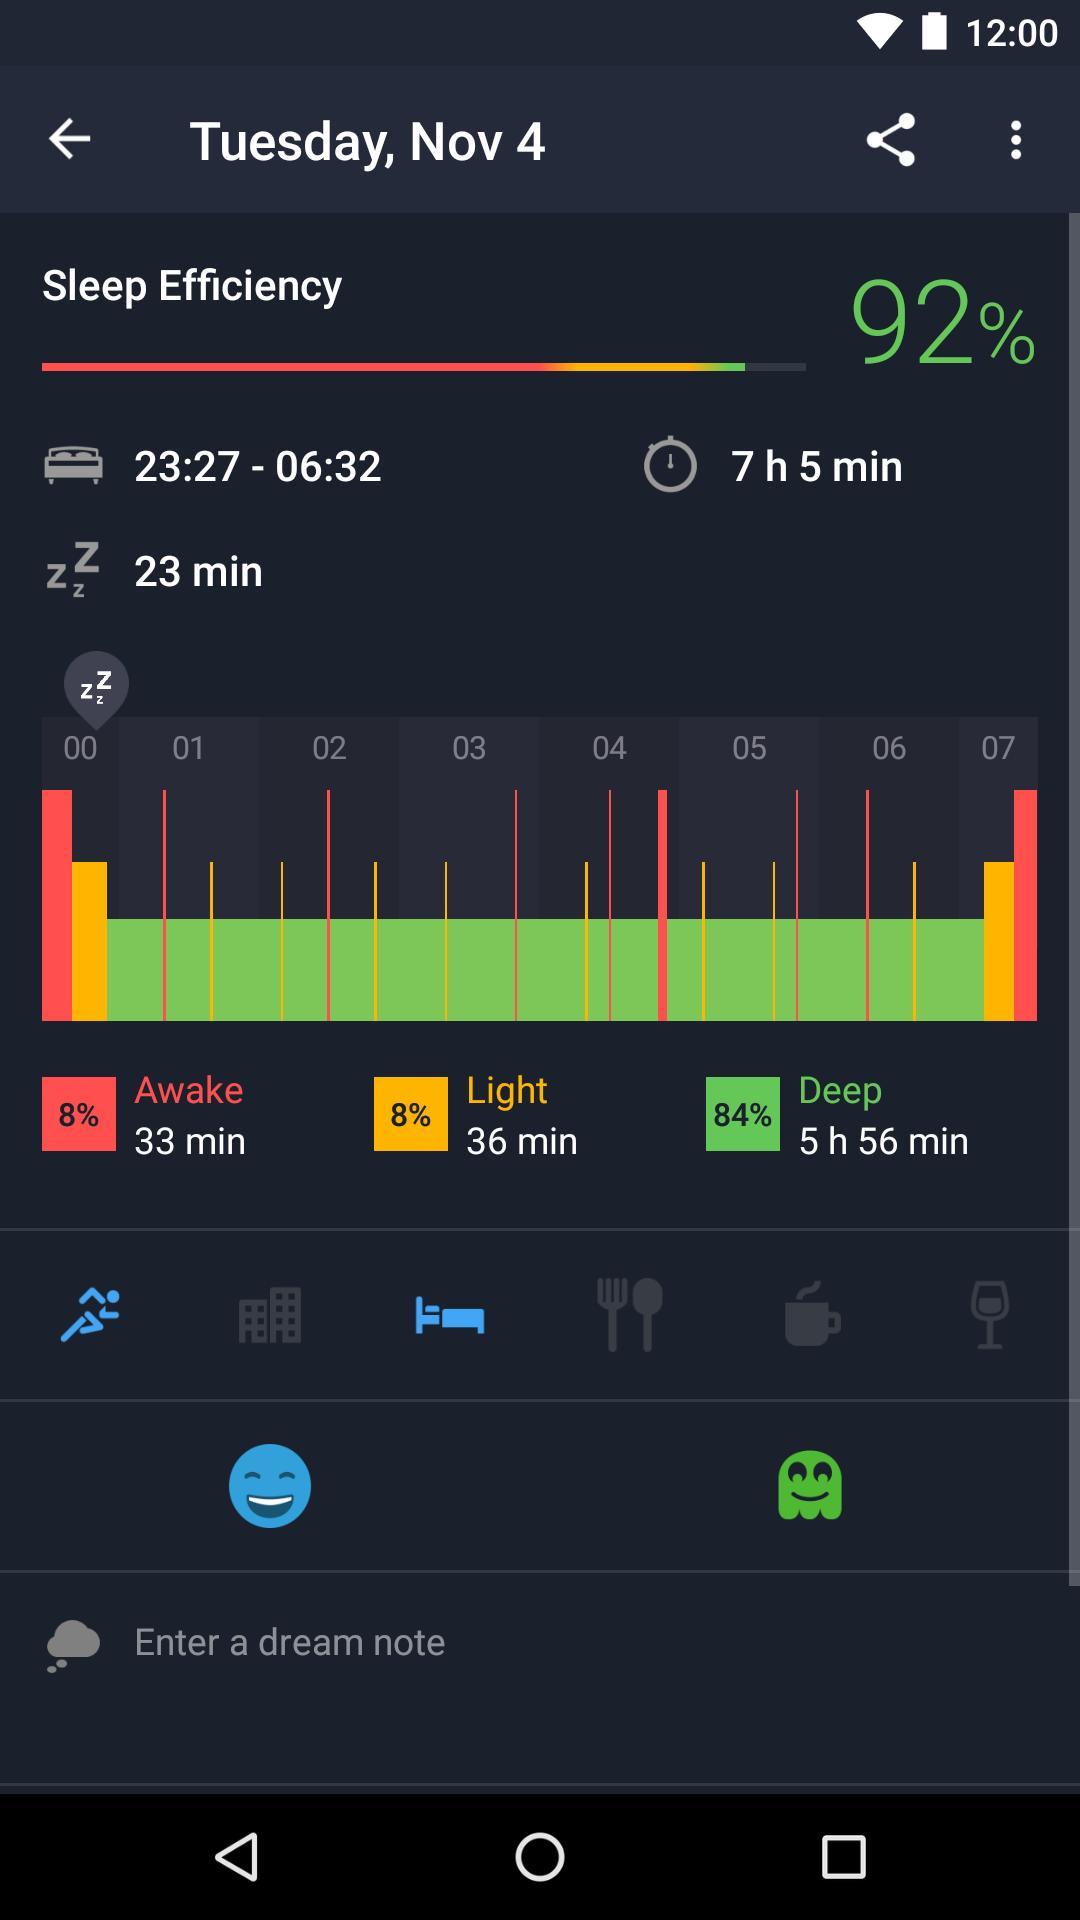 Runtastic Sleep Better: Sleep Cycle & Smart Alarm 2.6.1 Screenshot 2